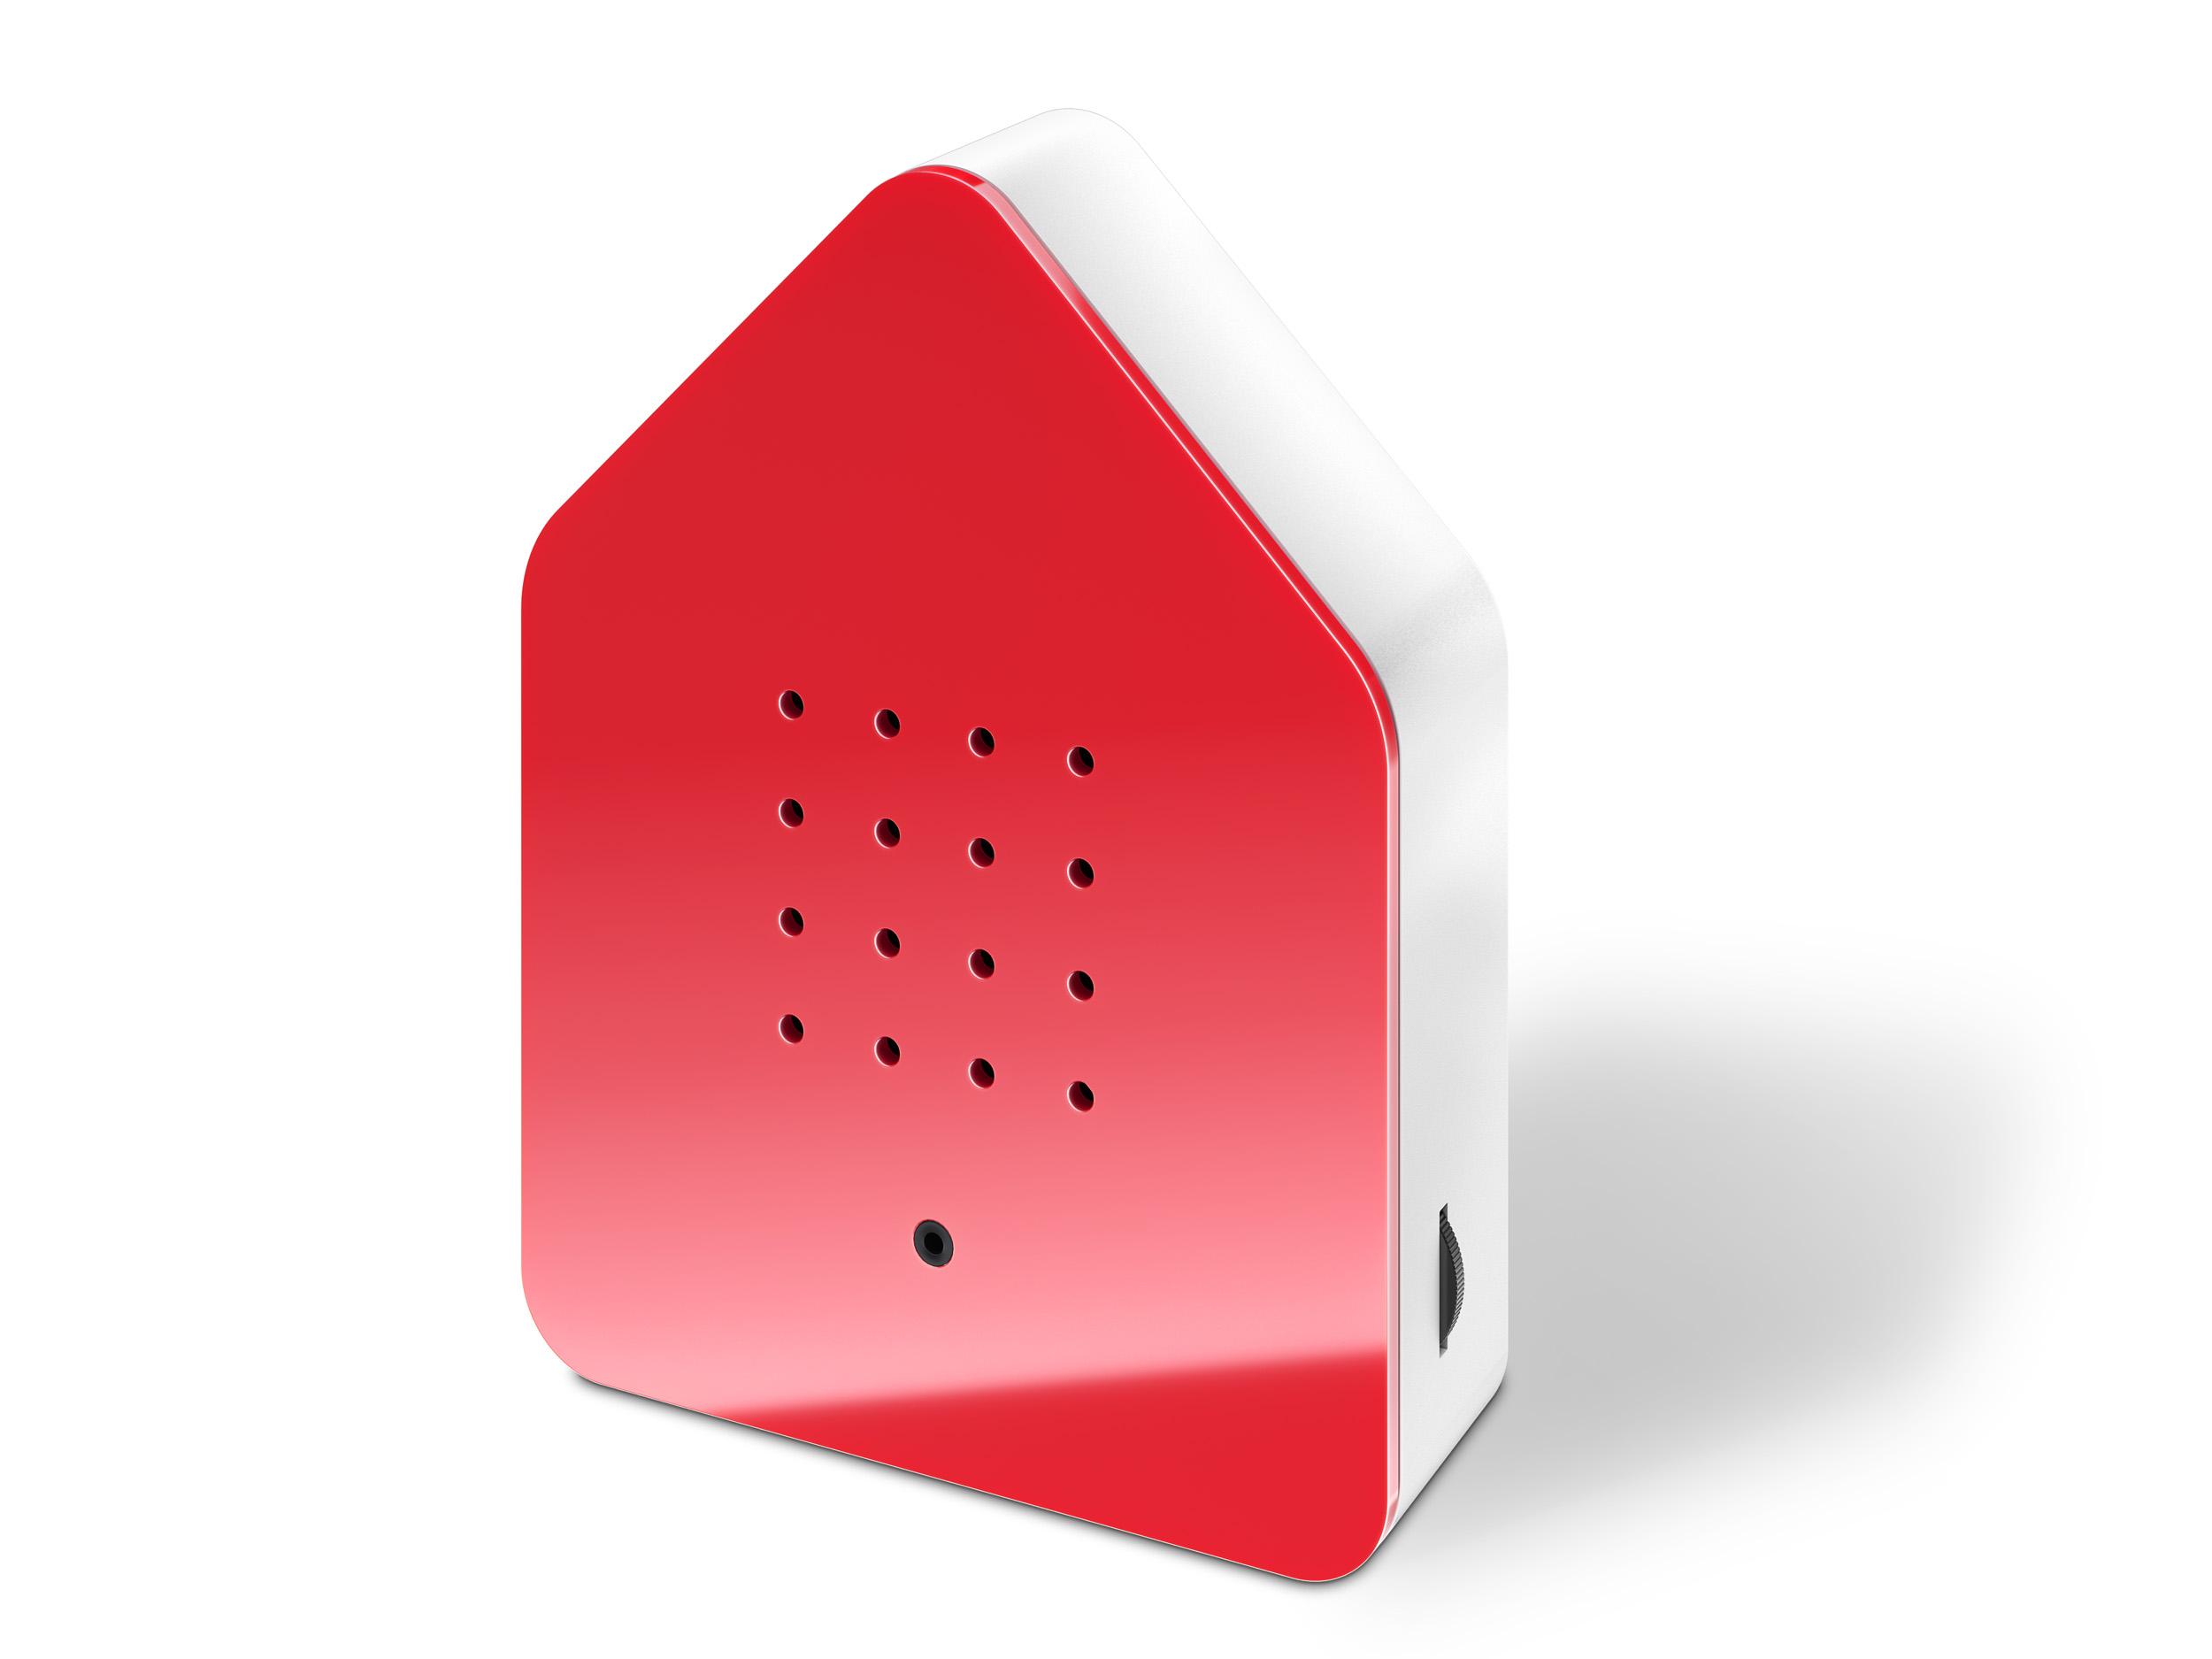 Zwitscherbox zb-red-whi _side